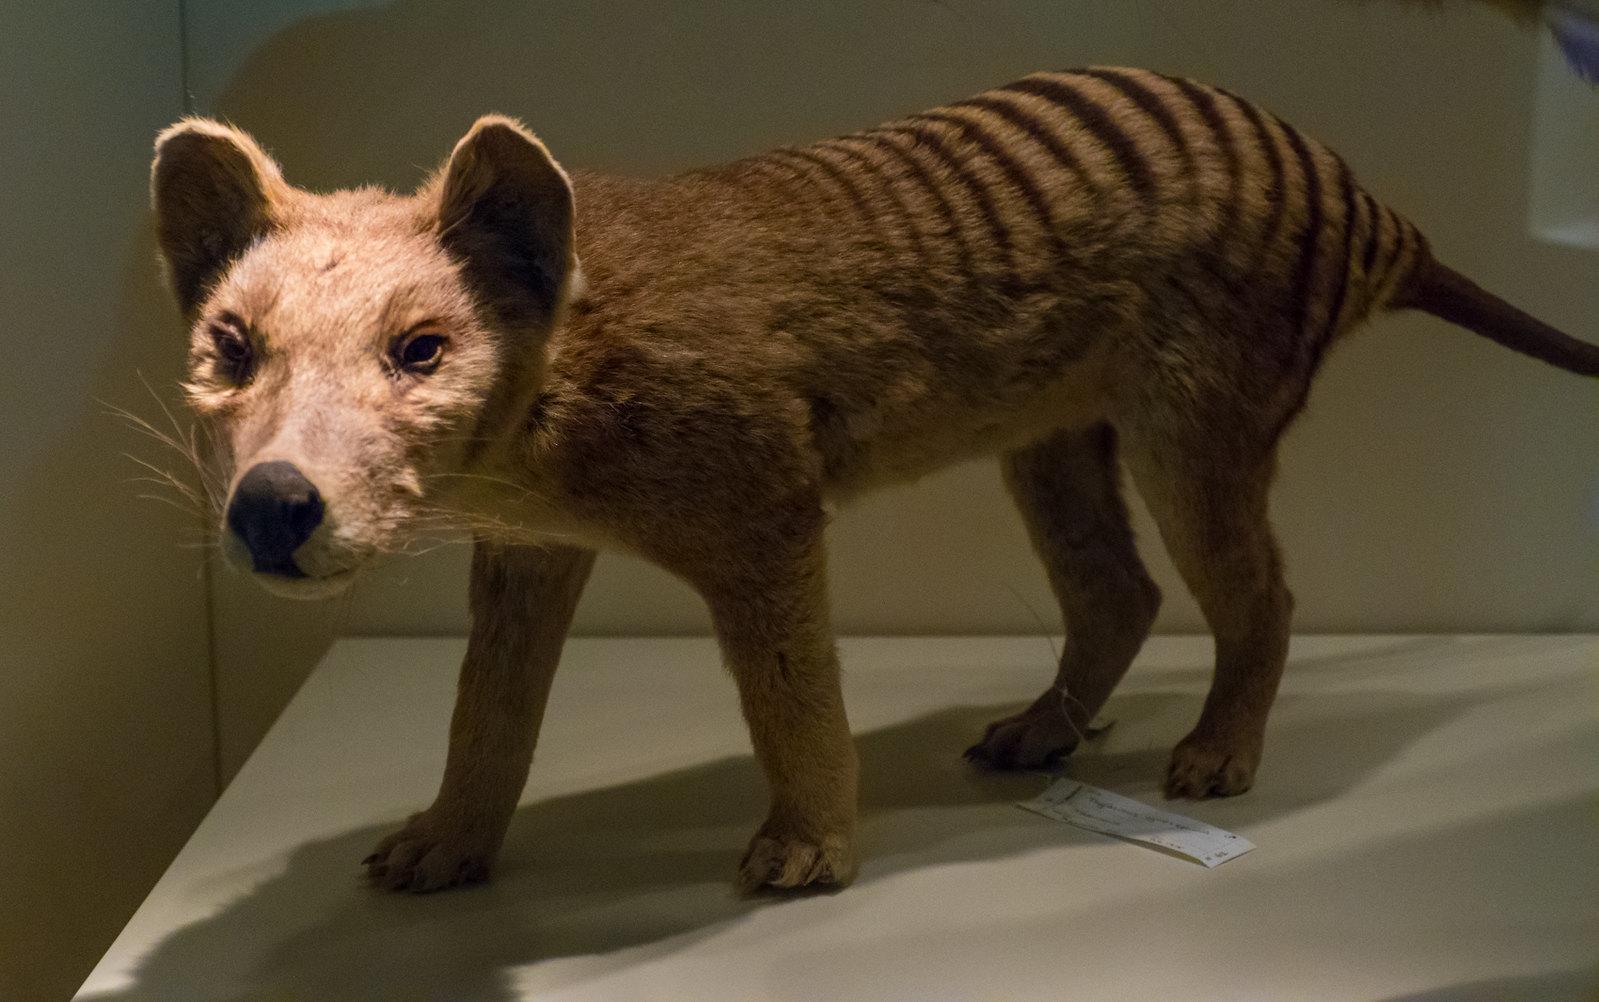 Young Thylacine (Thylacinus cynocephalus)